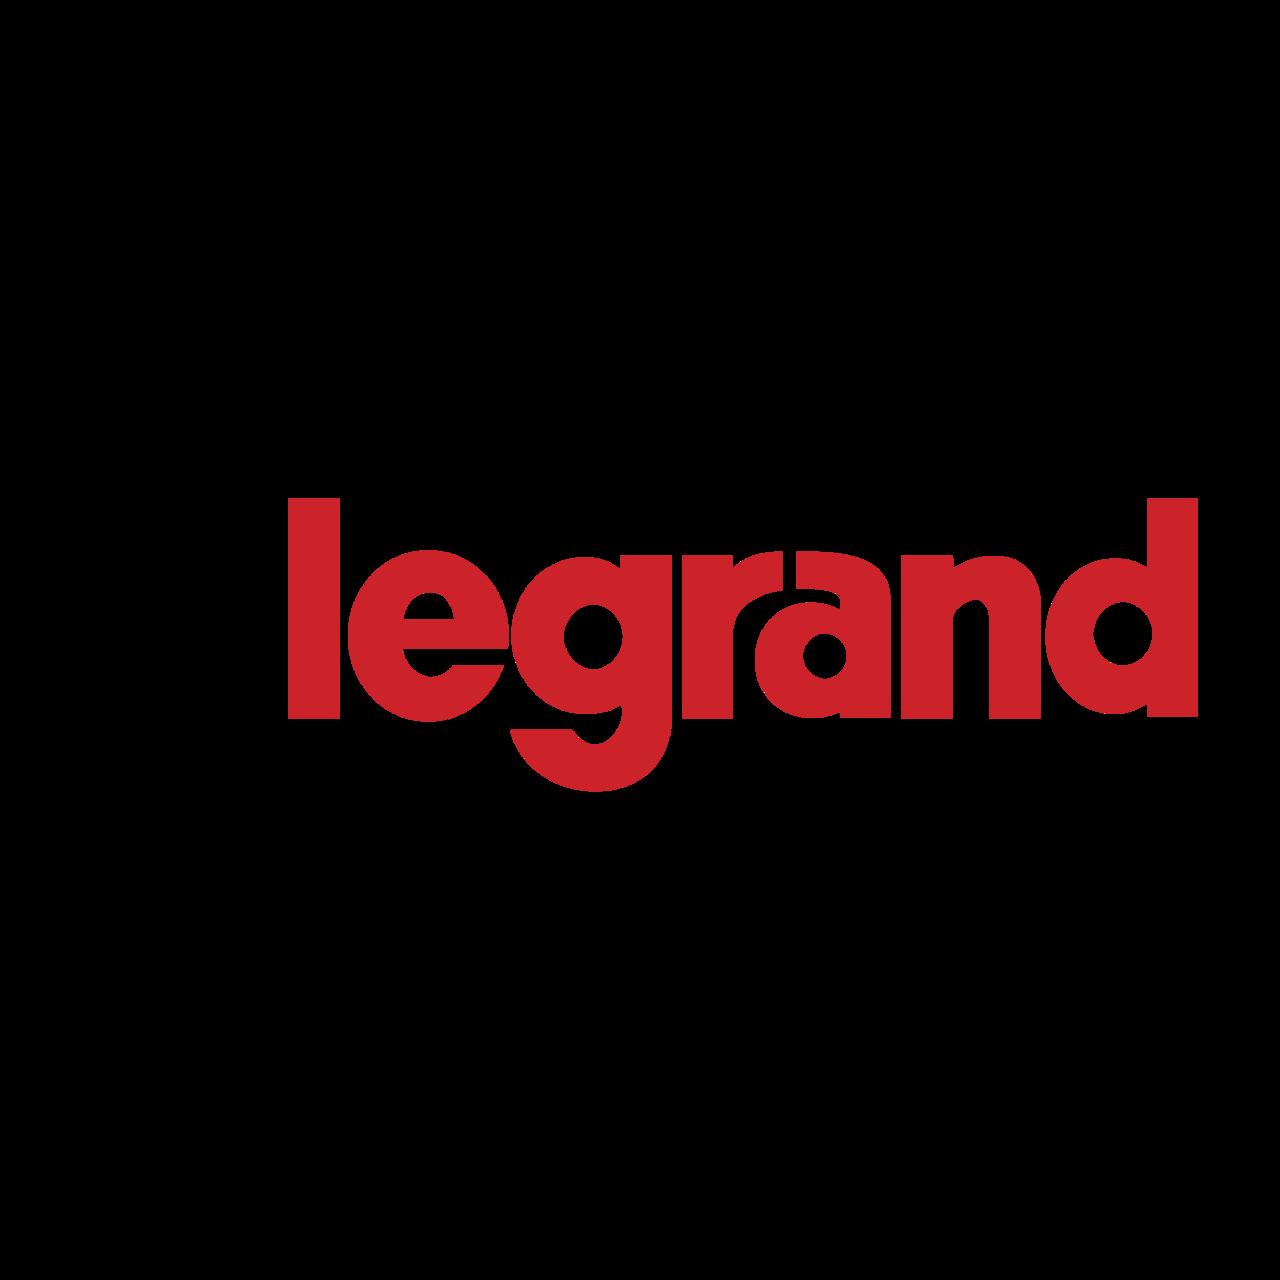 original legrand